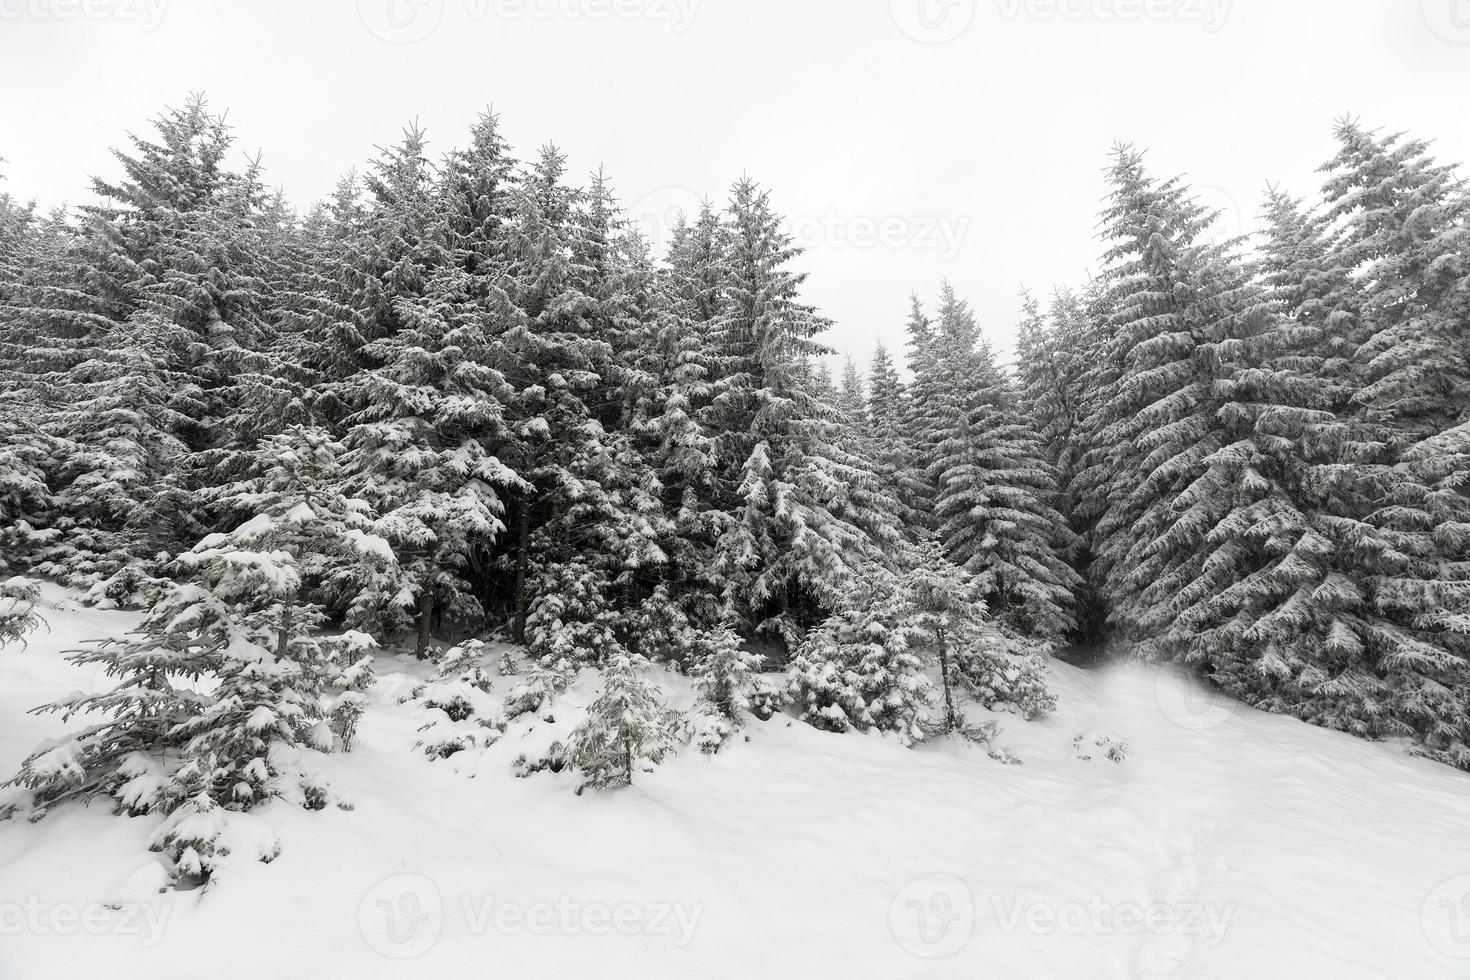 abeto bosque neblinoso cubierto por la nieve en el paisaje de invierno. foto